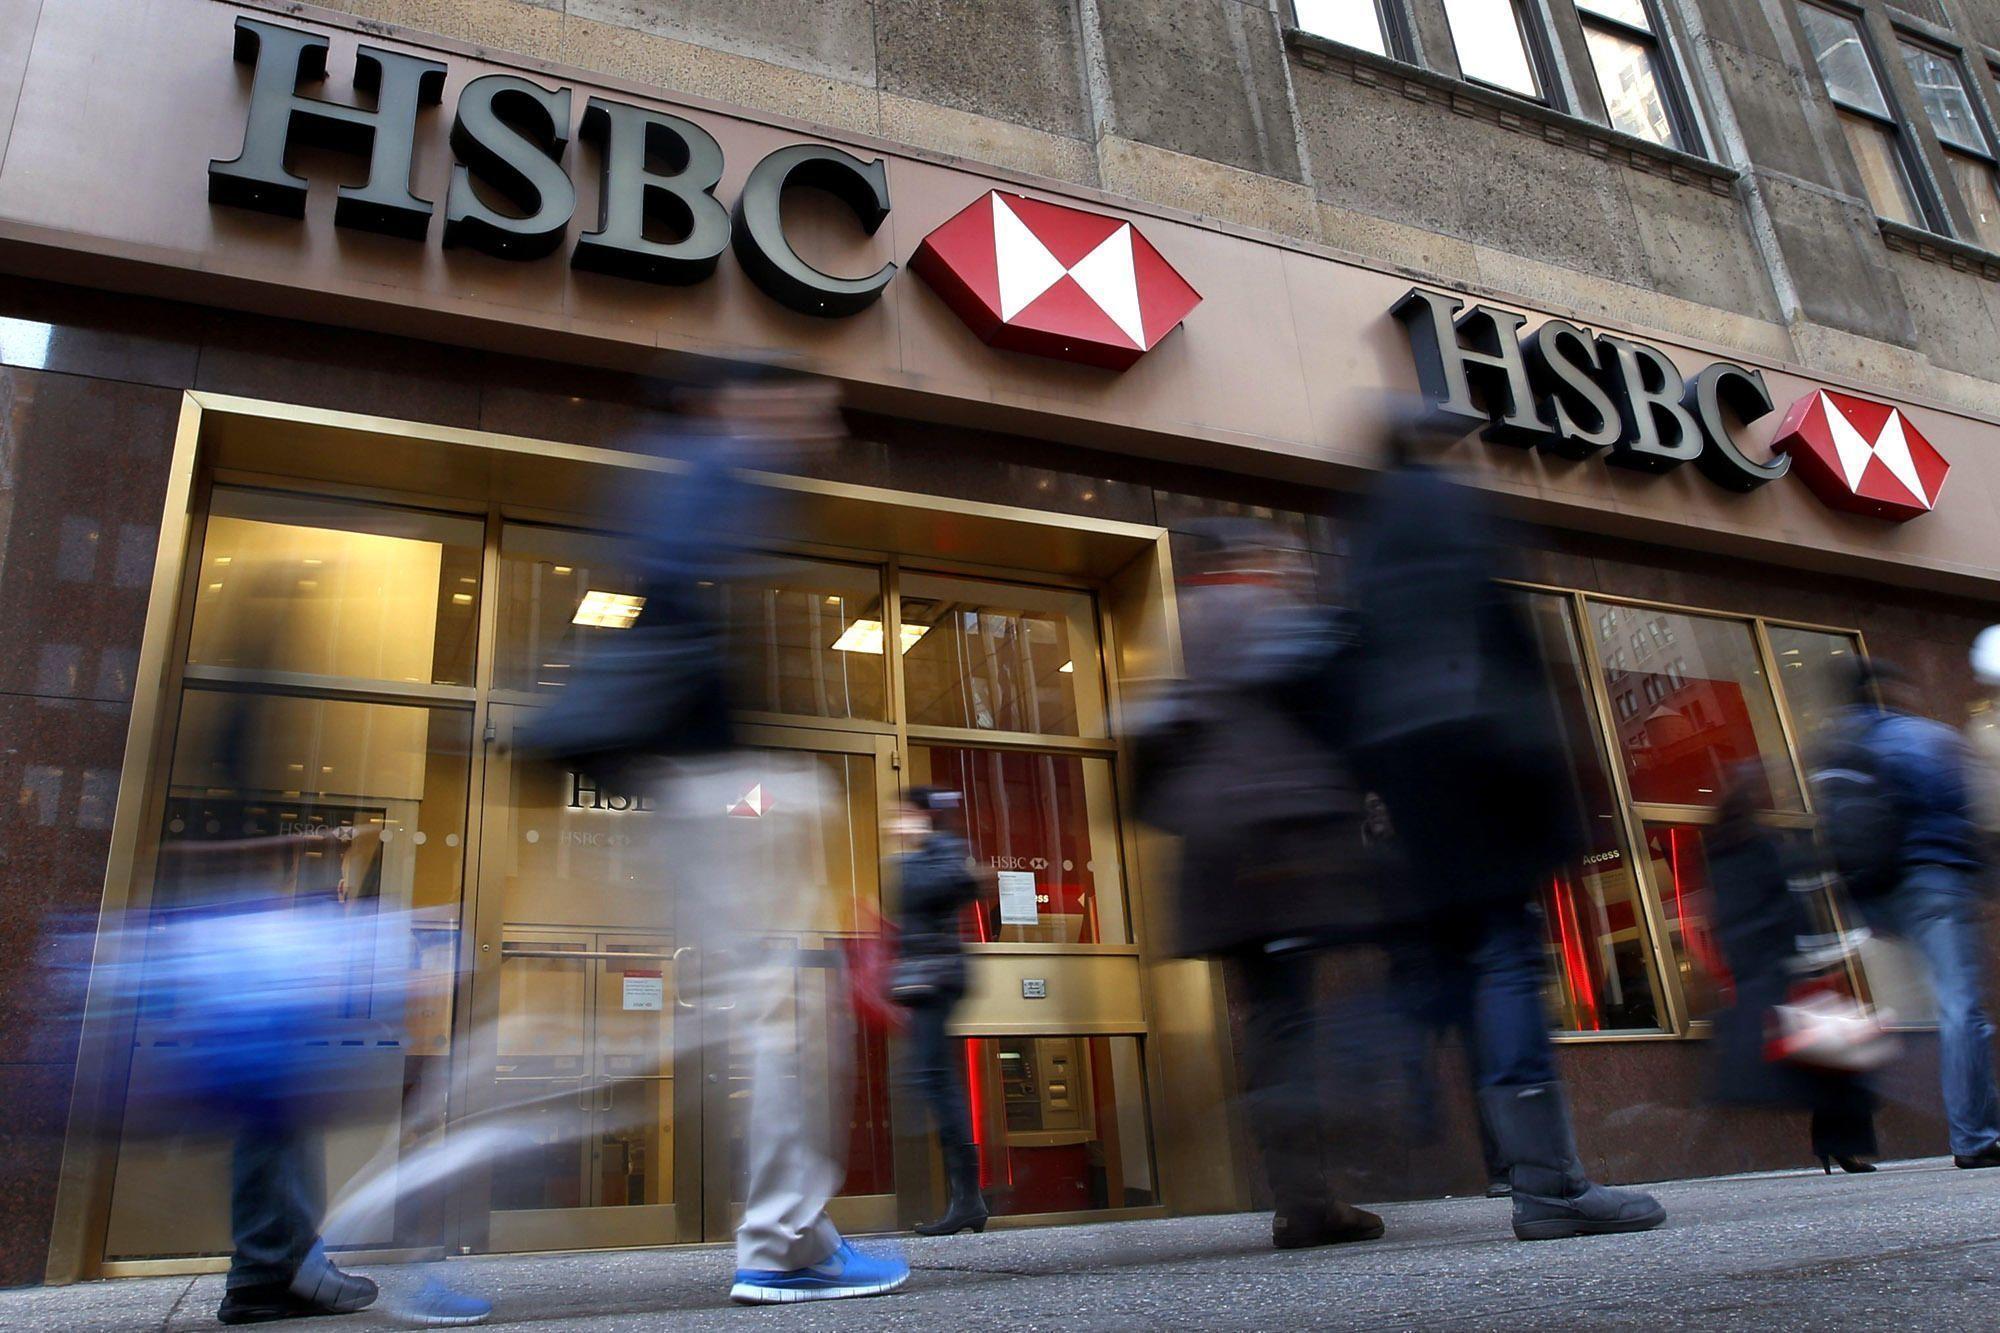 Γιατί η HSBC χαμηλώνει τις προσδοκίες για τις ελληνικές τράπεζες - mononews